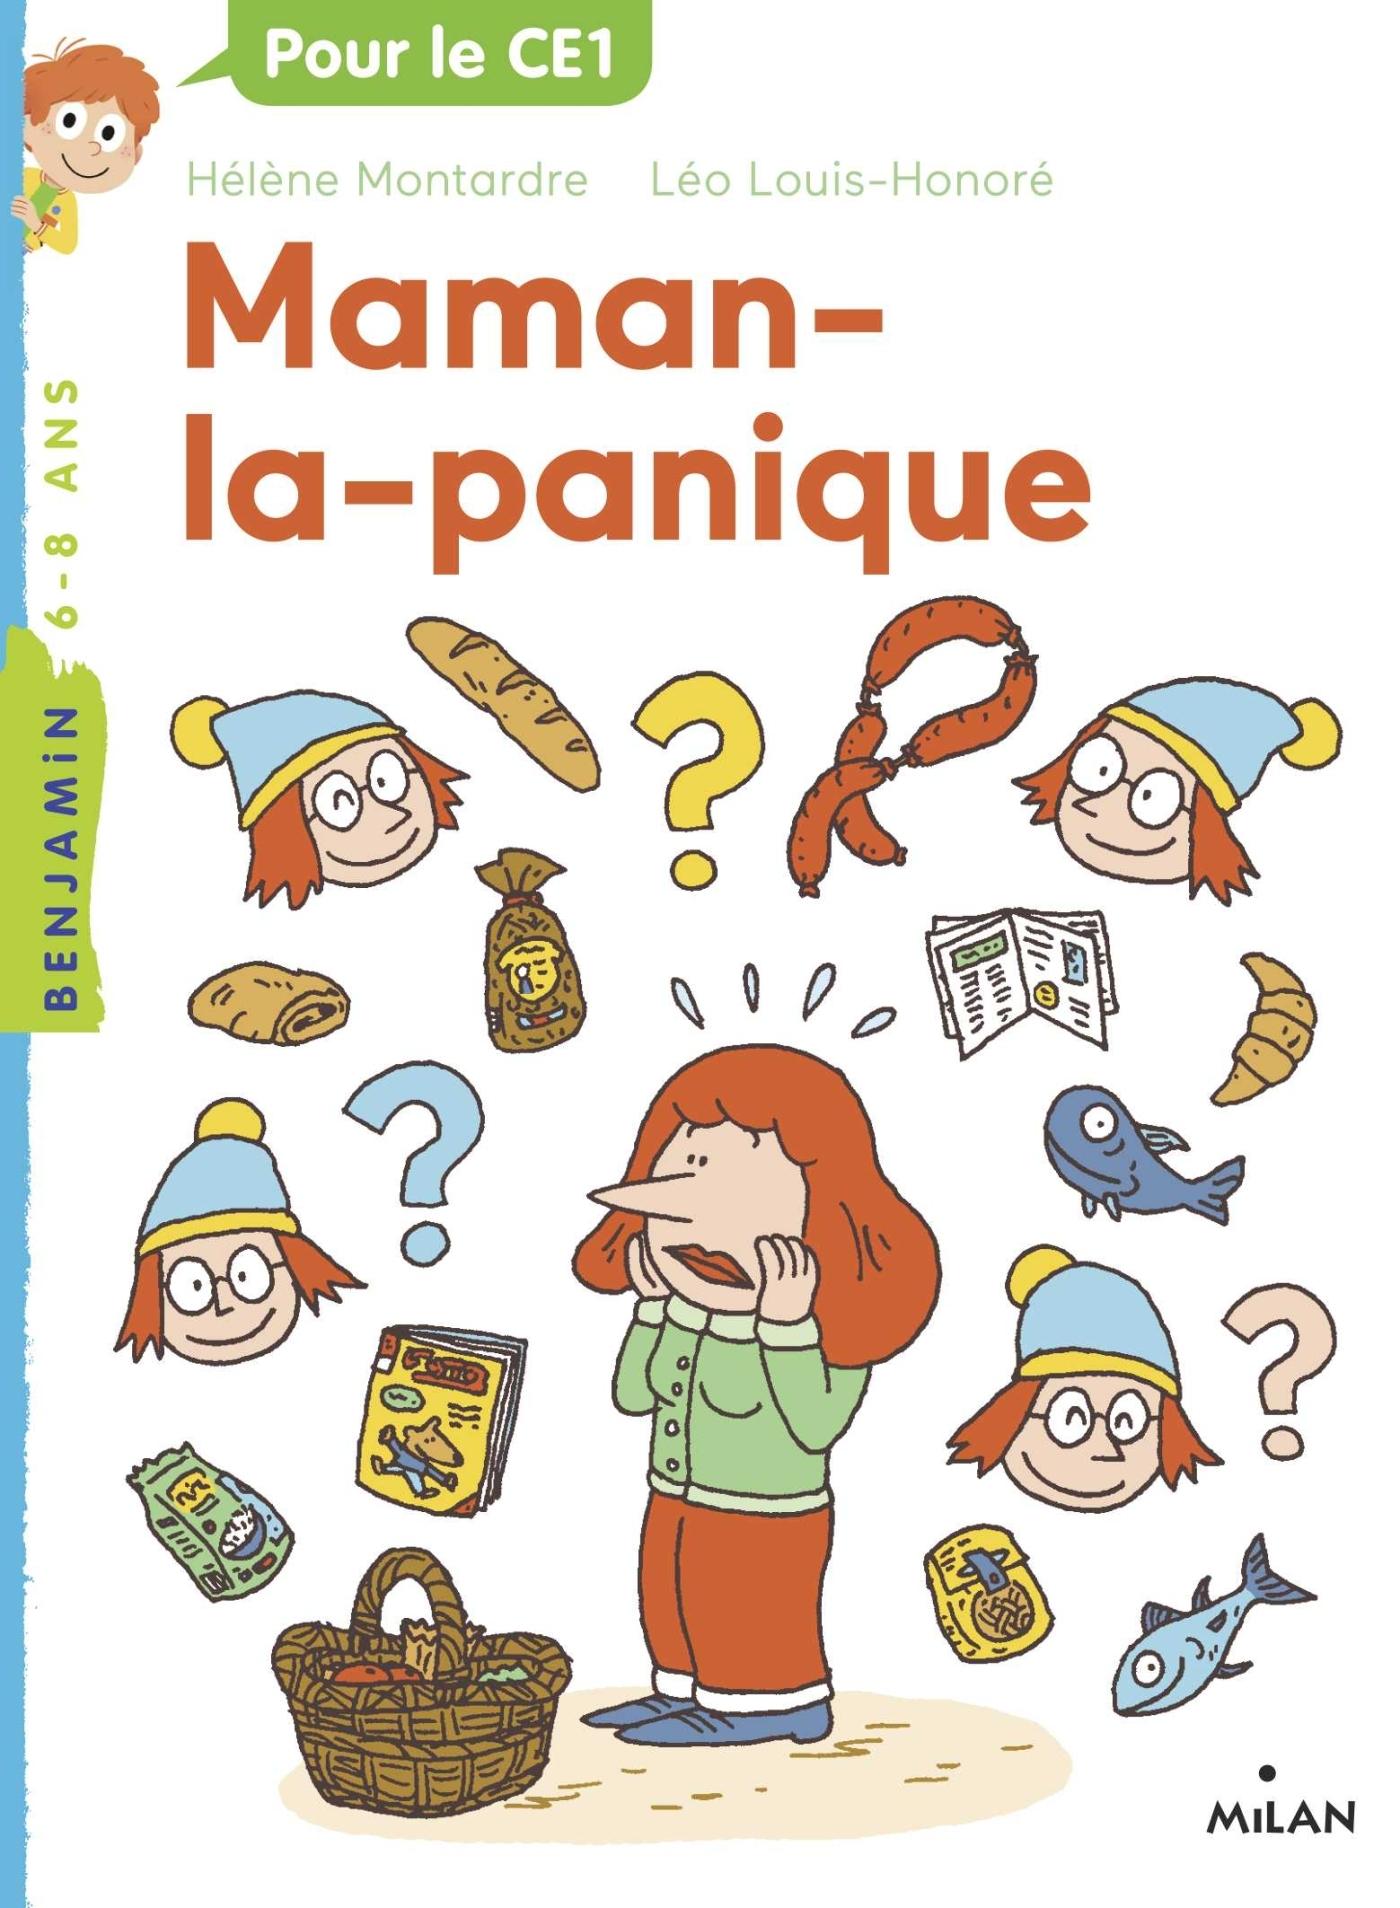 MAMAN LA PANIQUE